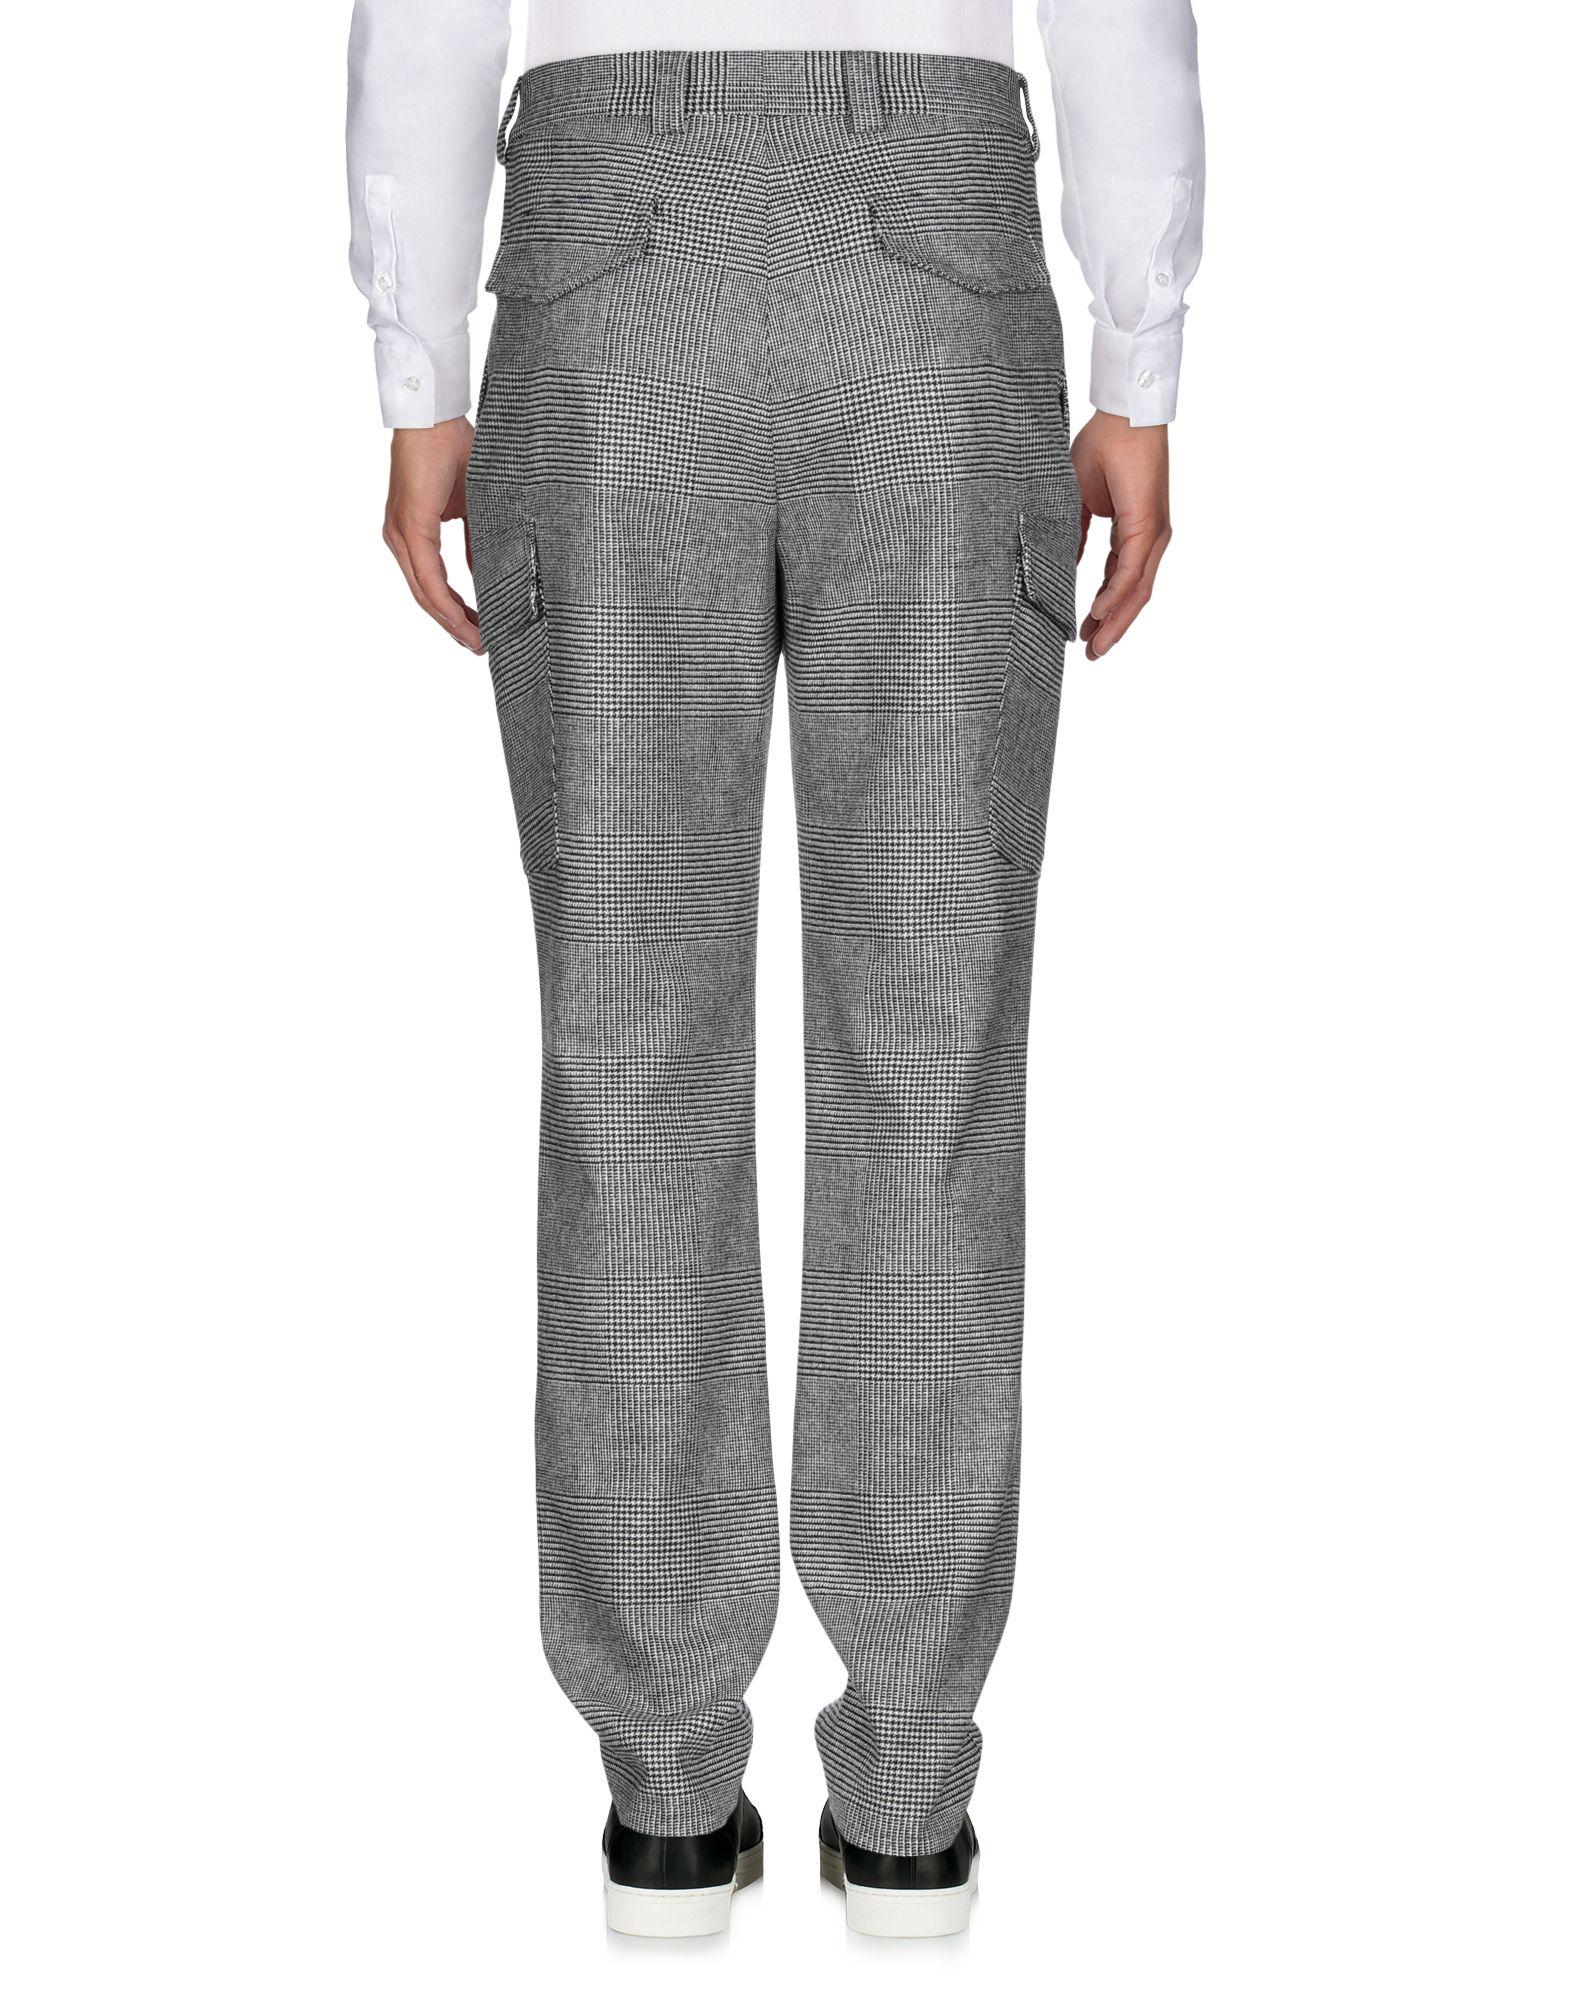 Pantalone Pantalone Pantalone Brunello Cucinelli Uomo - 13212579AL 11b99b